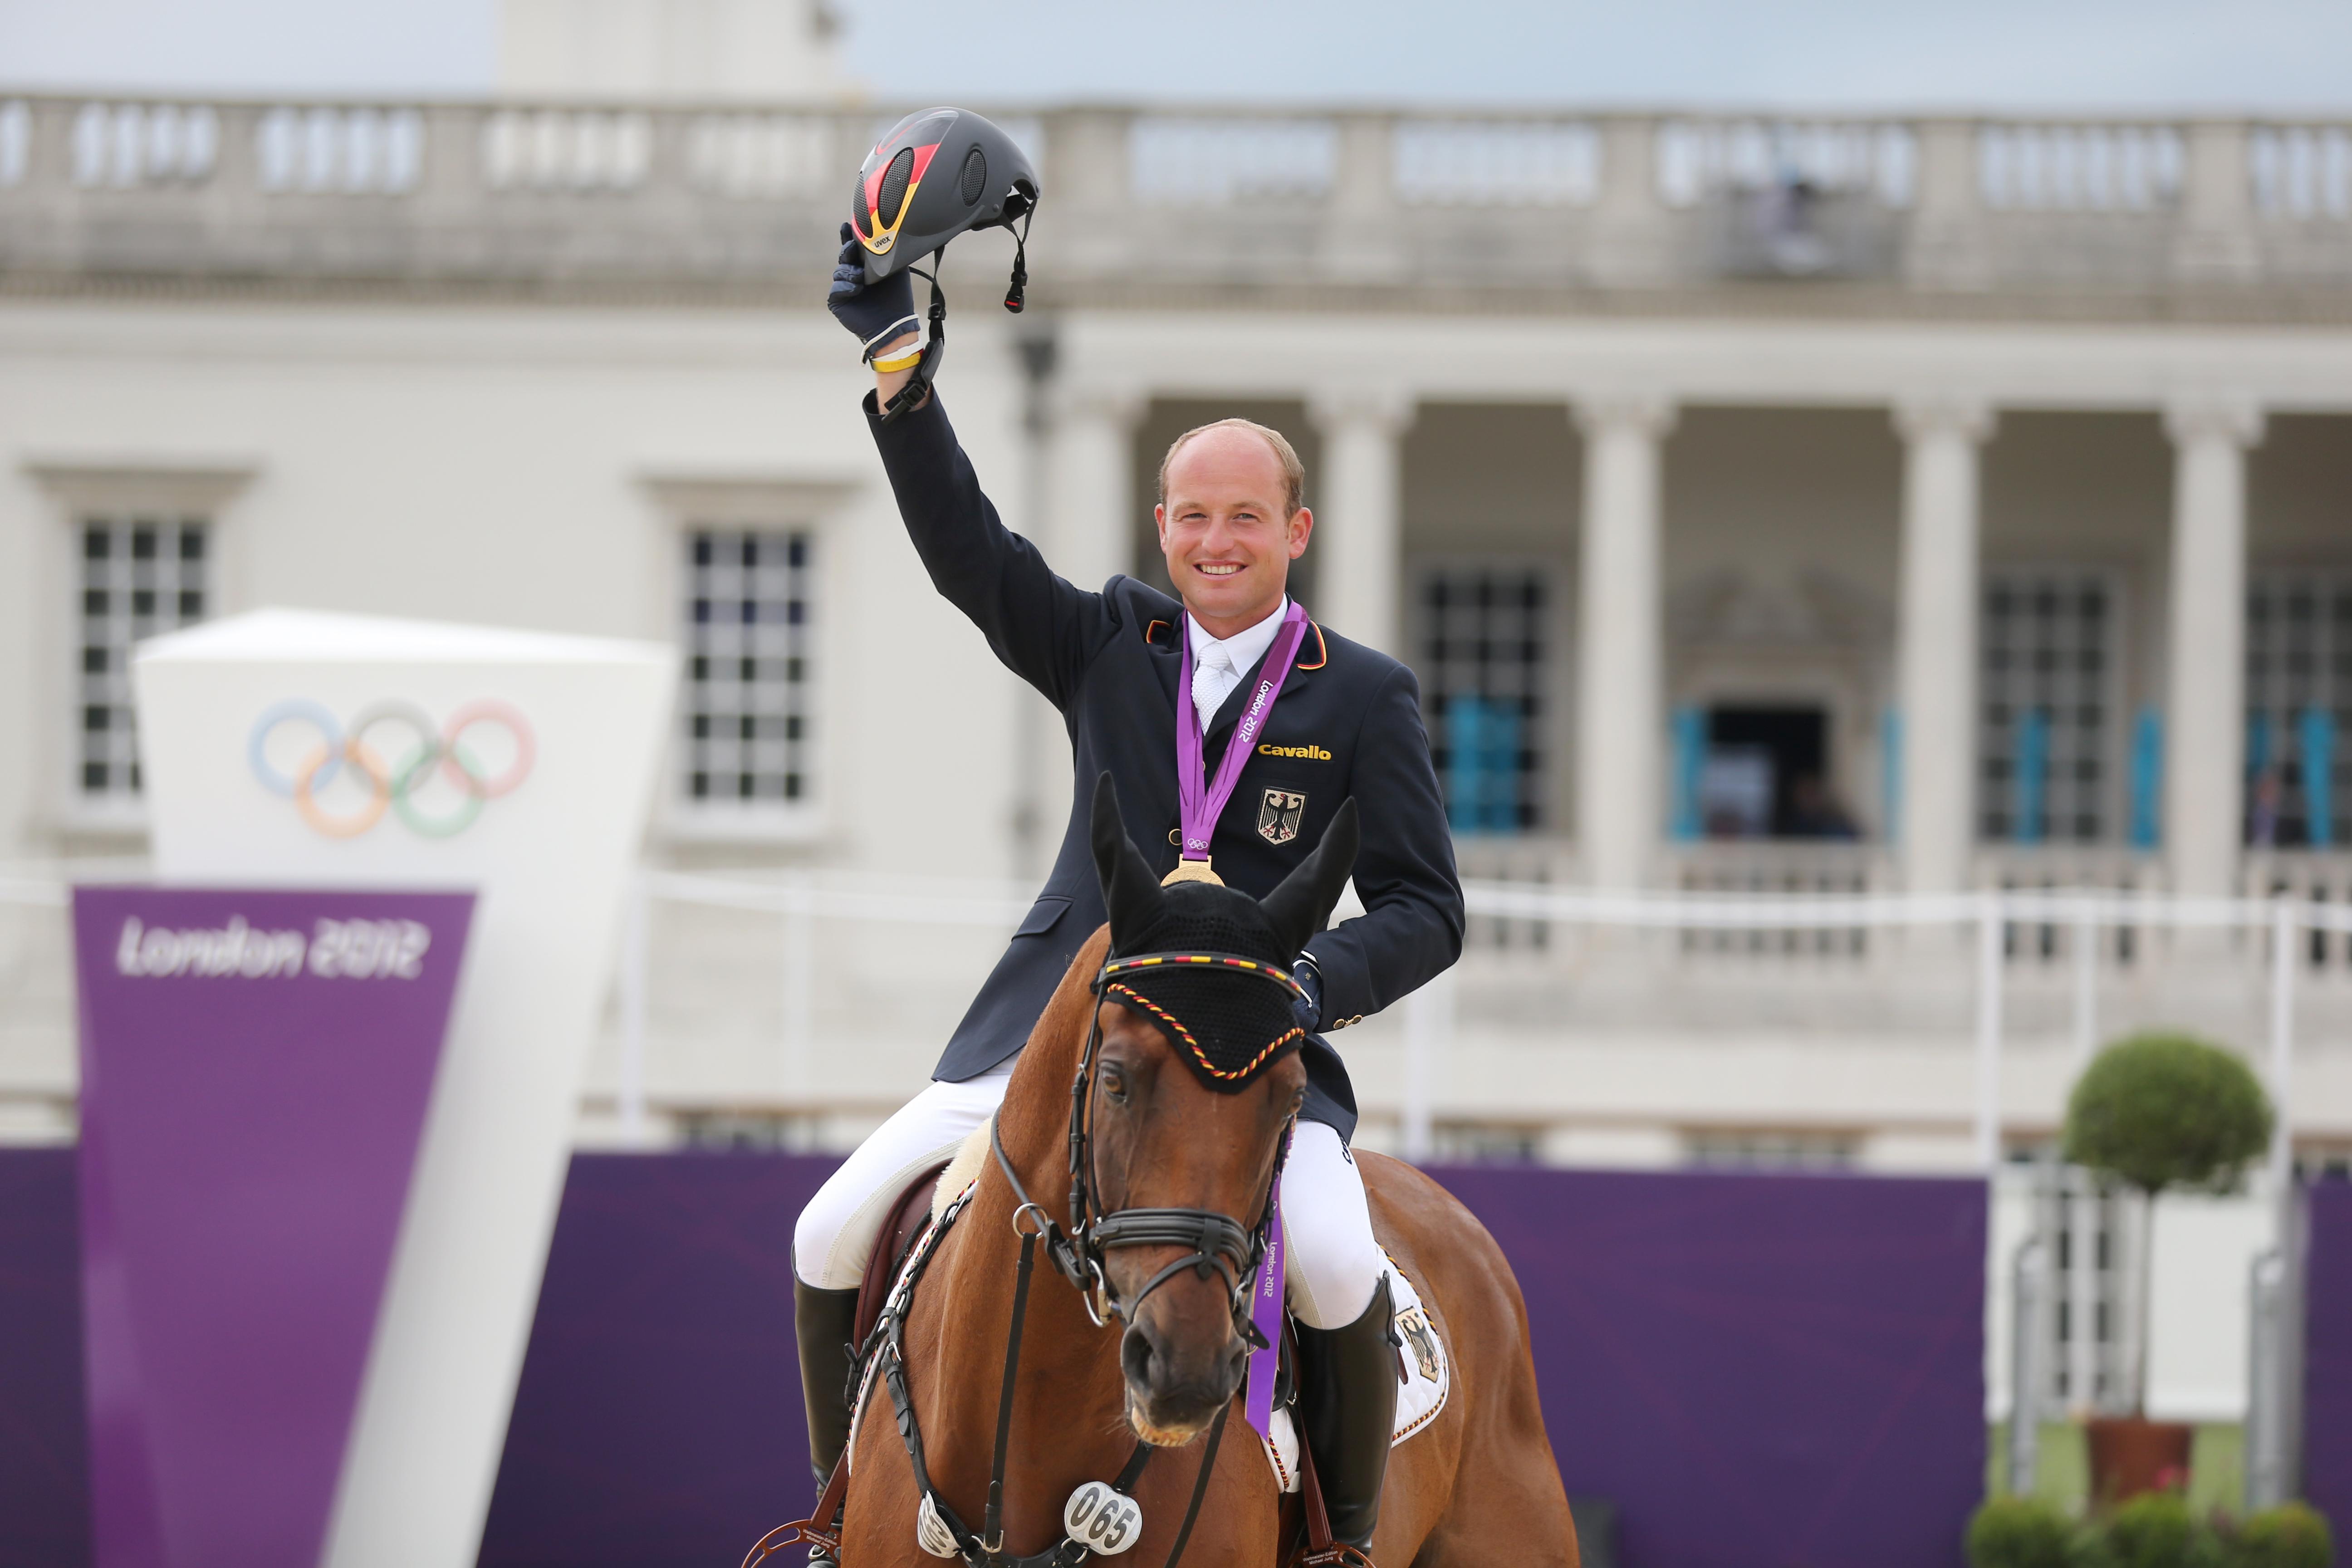 Efter att förstahandsvalet Takinou blivit sjuk får London-guldhästen Sam chans att ta ett nytt OS-guld tillsammans med Michael.